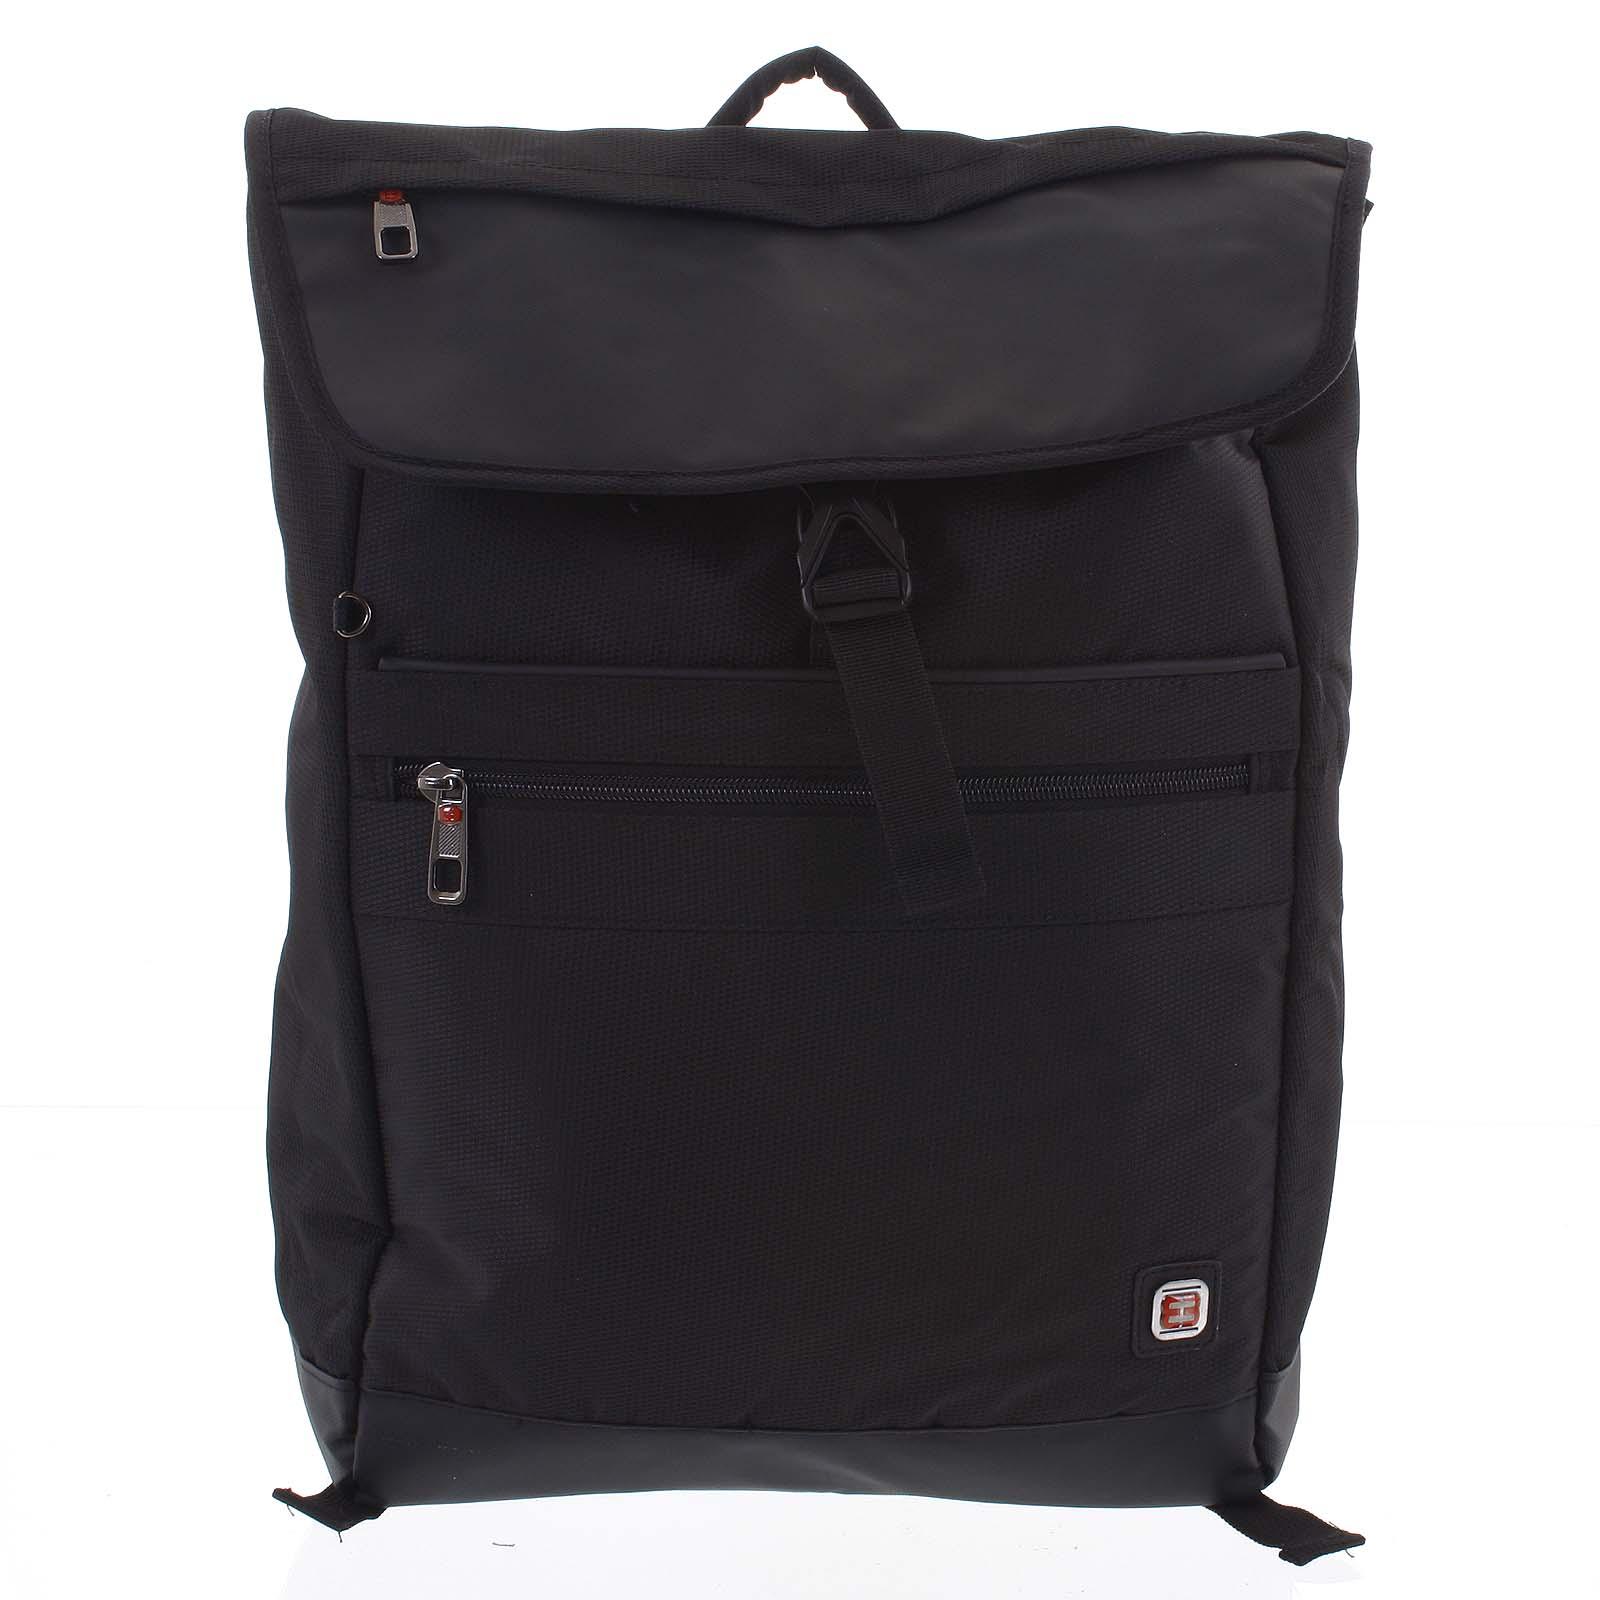 Veľký čierny batoh - Enrico Benetti Sanjar